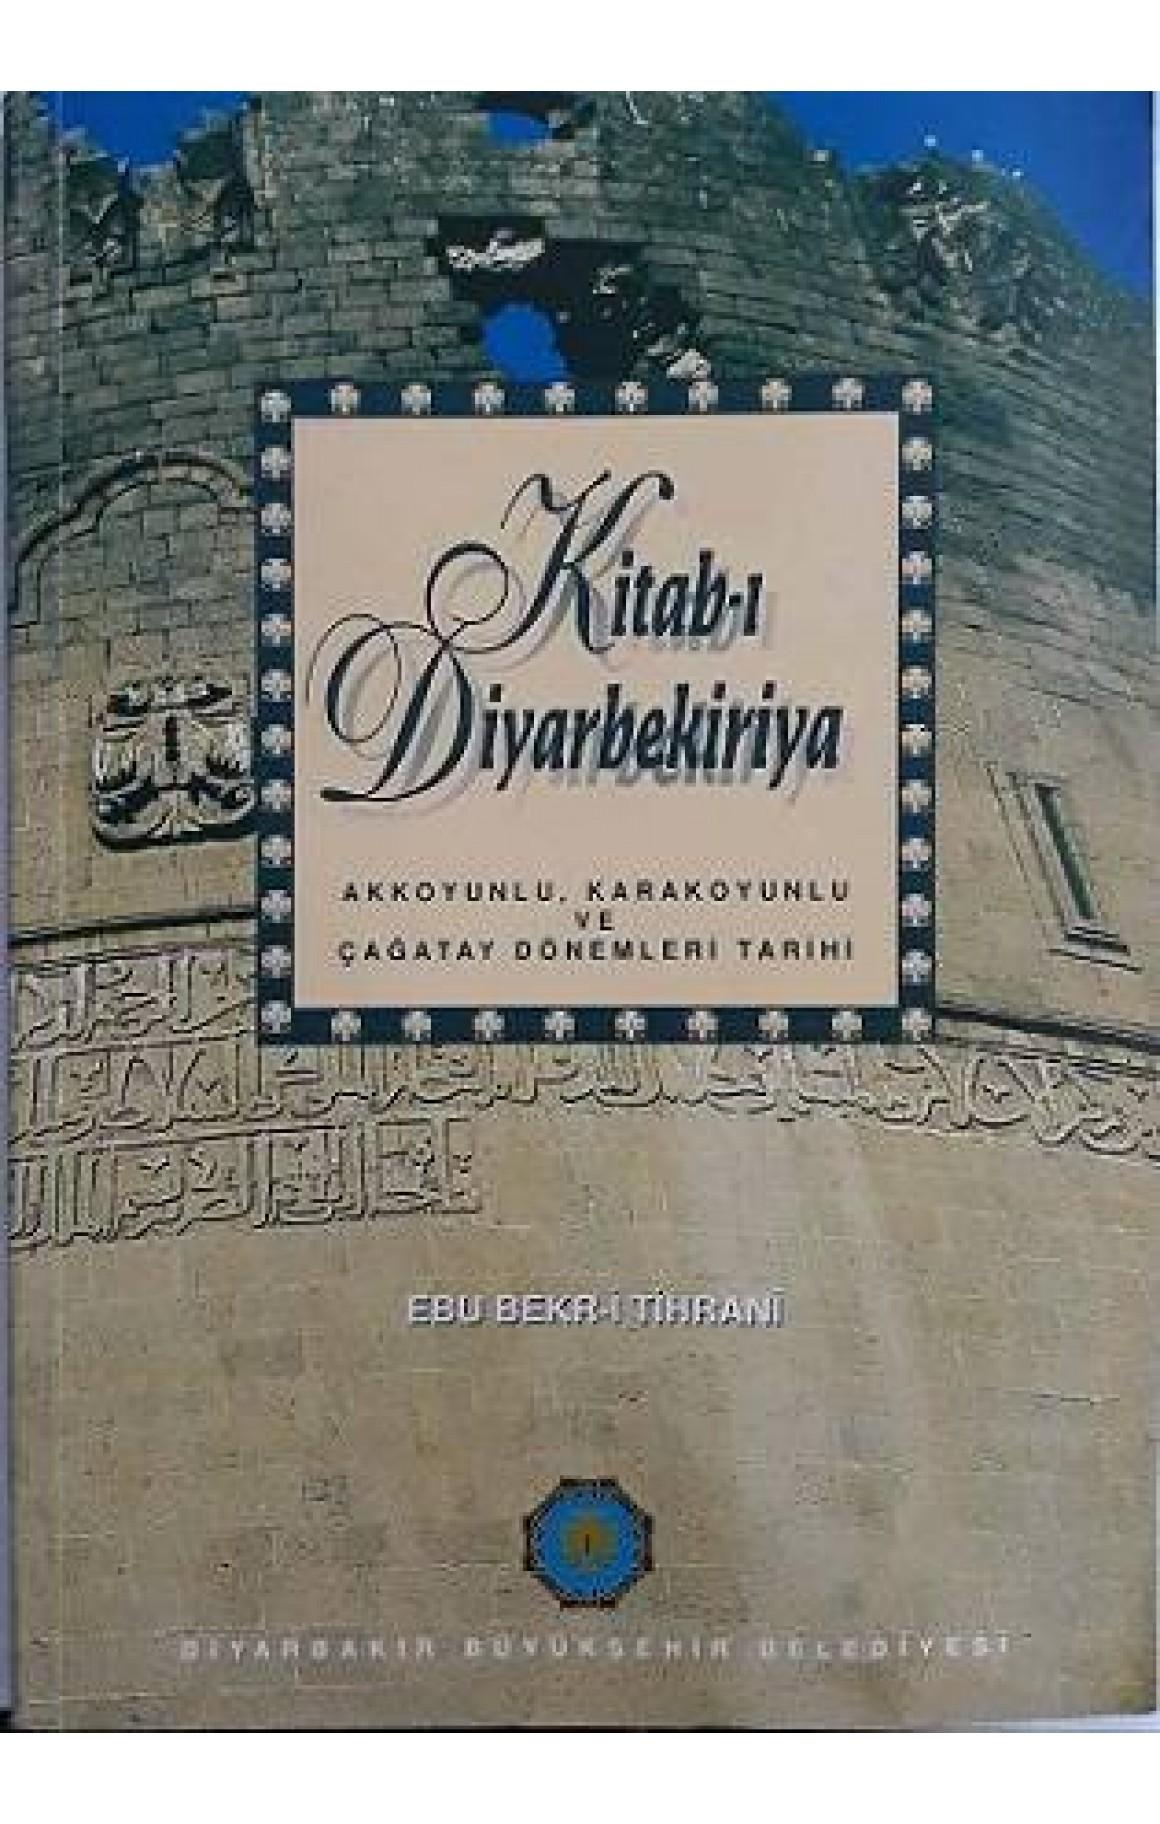 Kitab-ı Diyarbekiriya